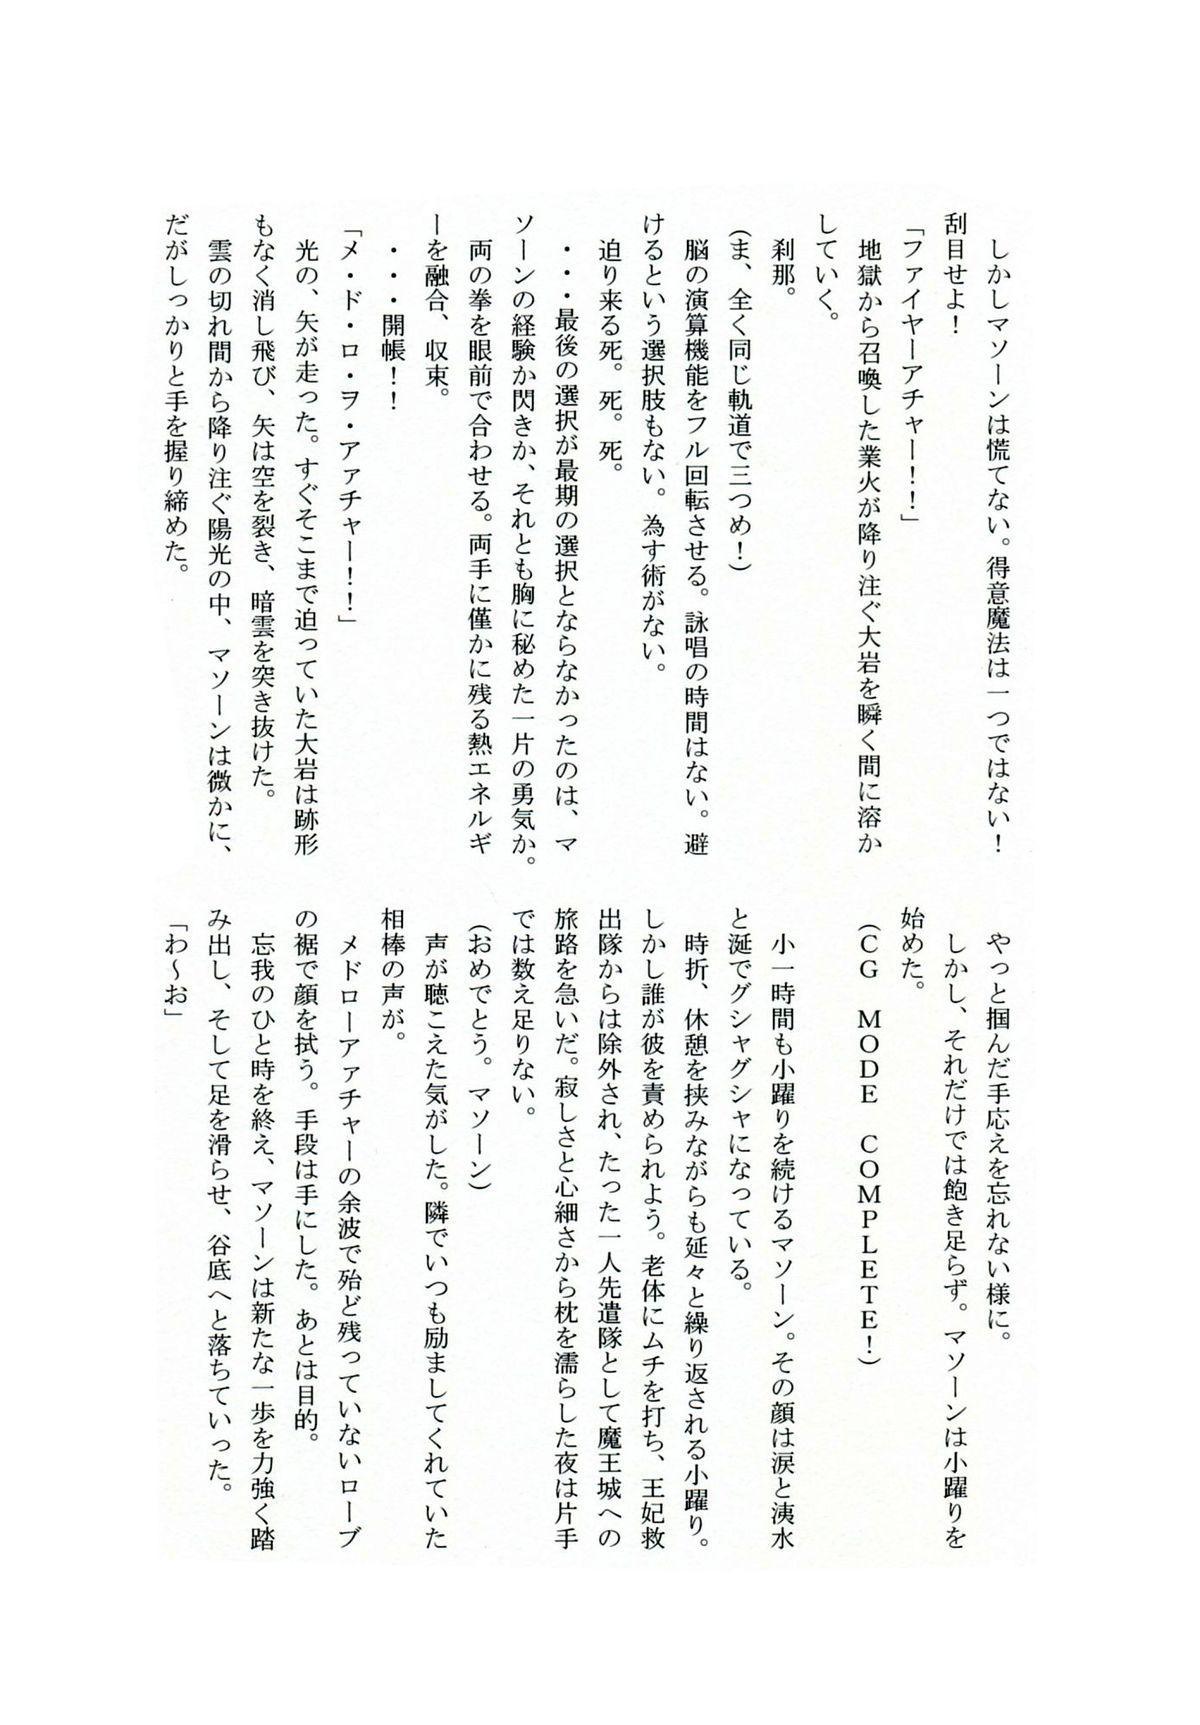 Takao Thunder 22